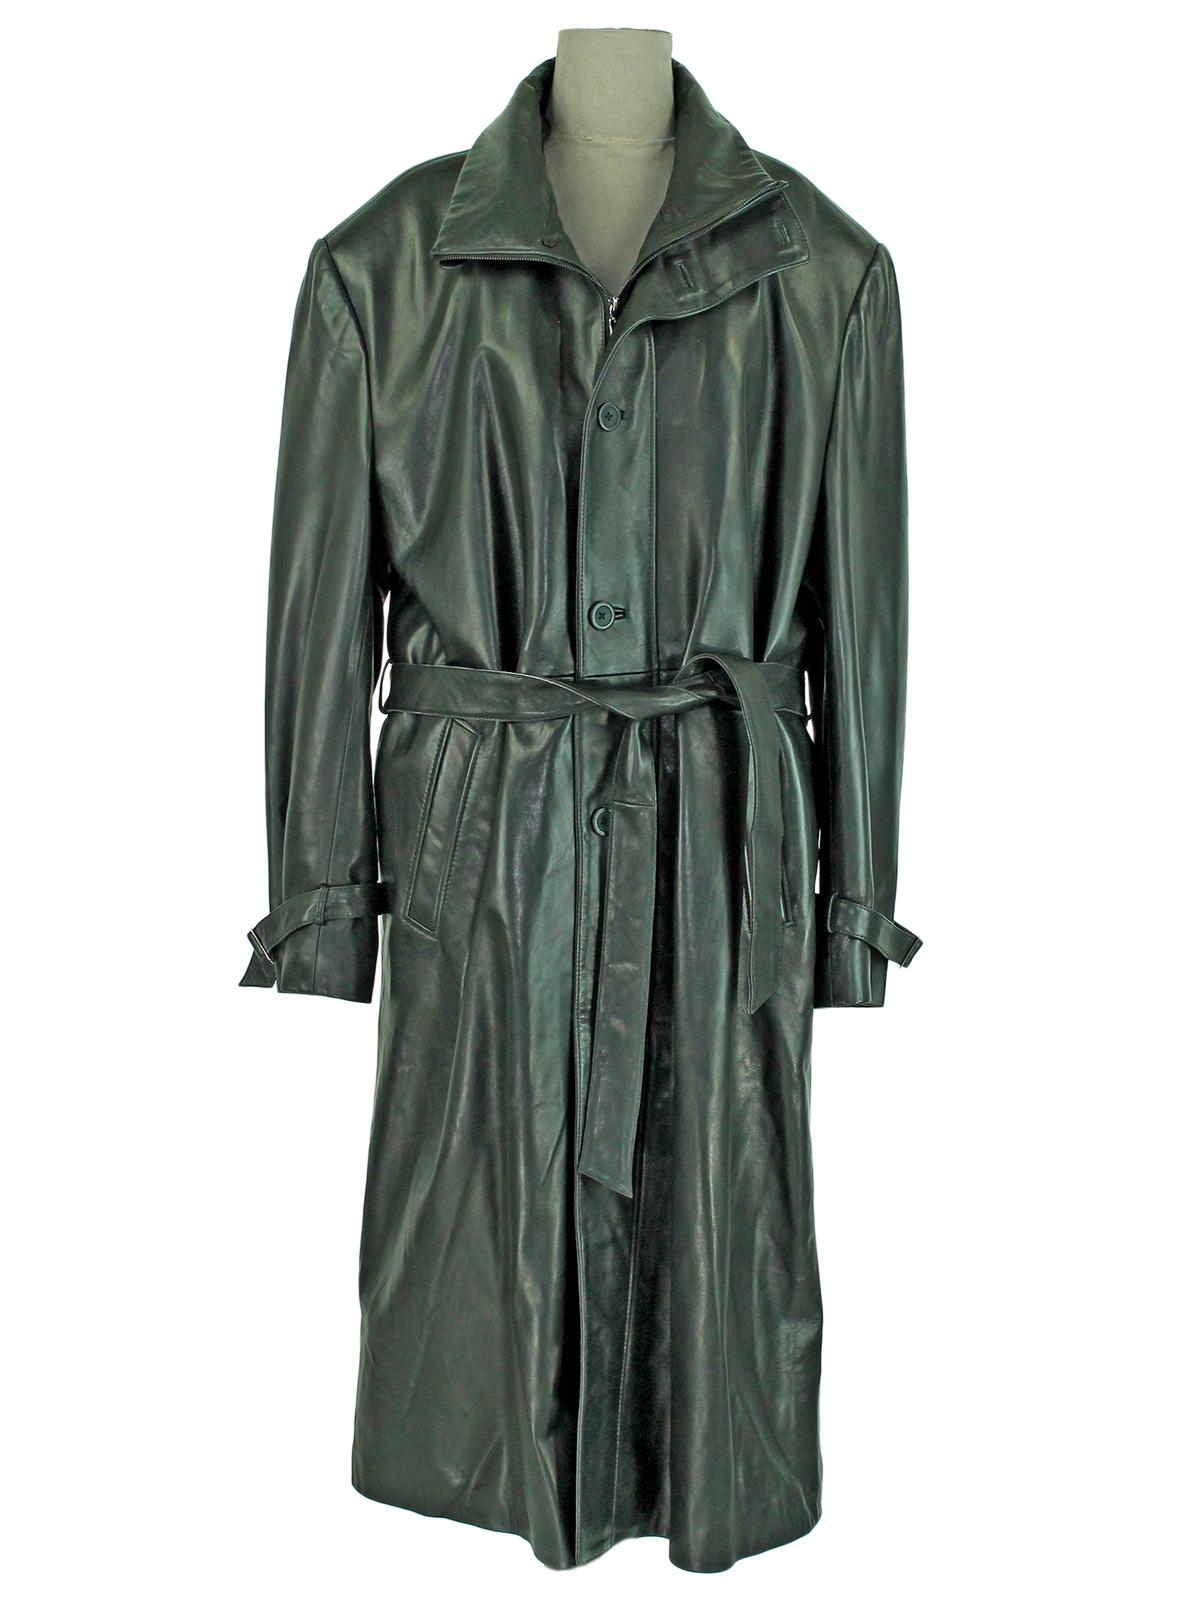 Man's Full Length Black Leather Coat